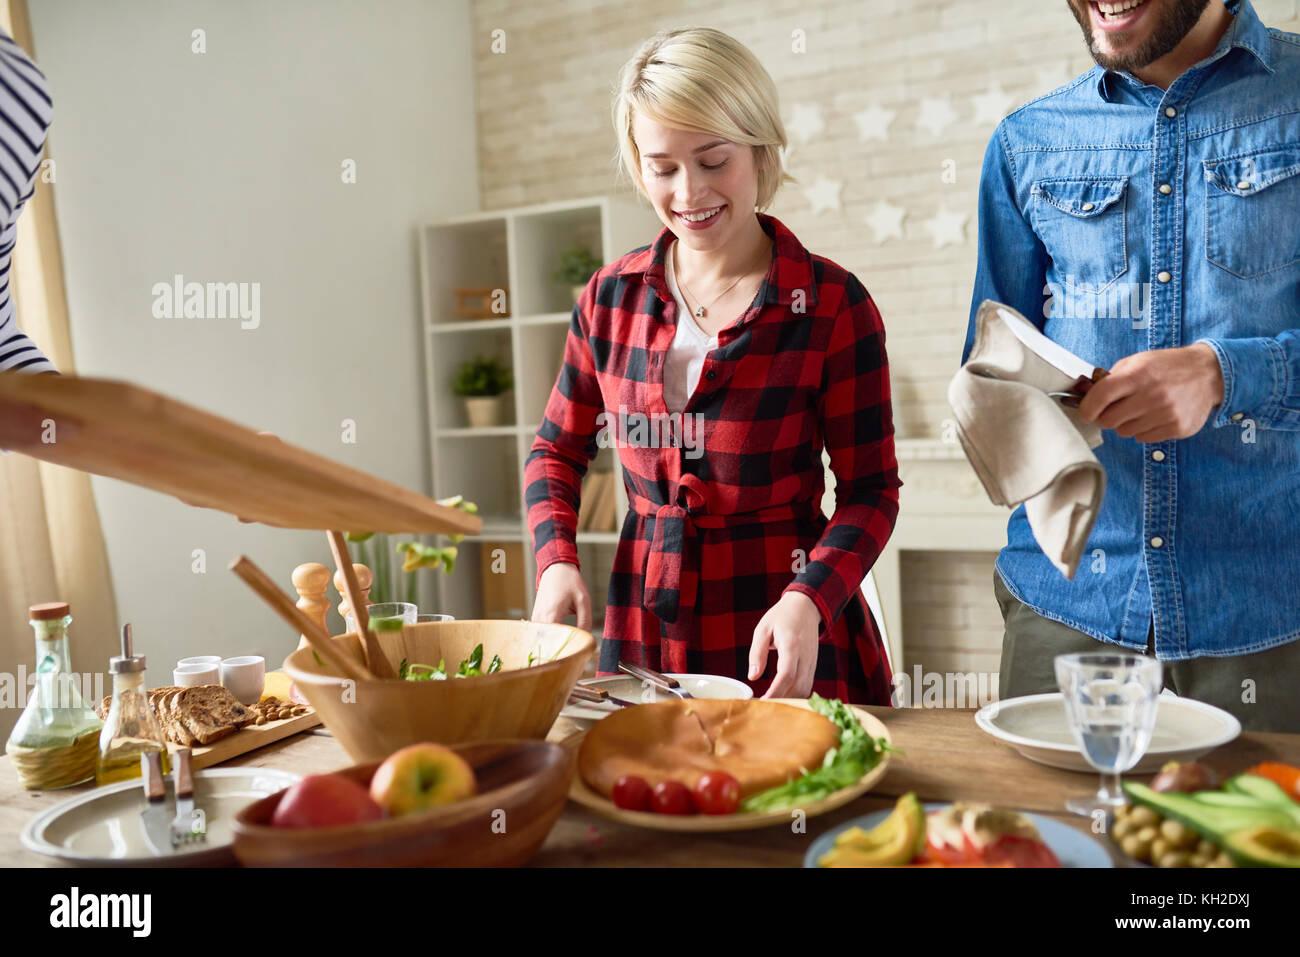 Portrait des modernen junges Paar stehend an festlichen Tisch essen zubereiten und lächelnd, auf Happy blonde Stockbild